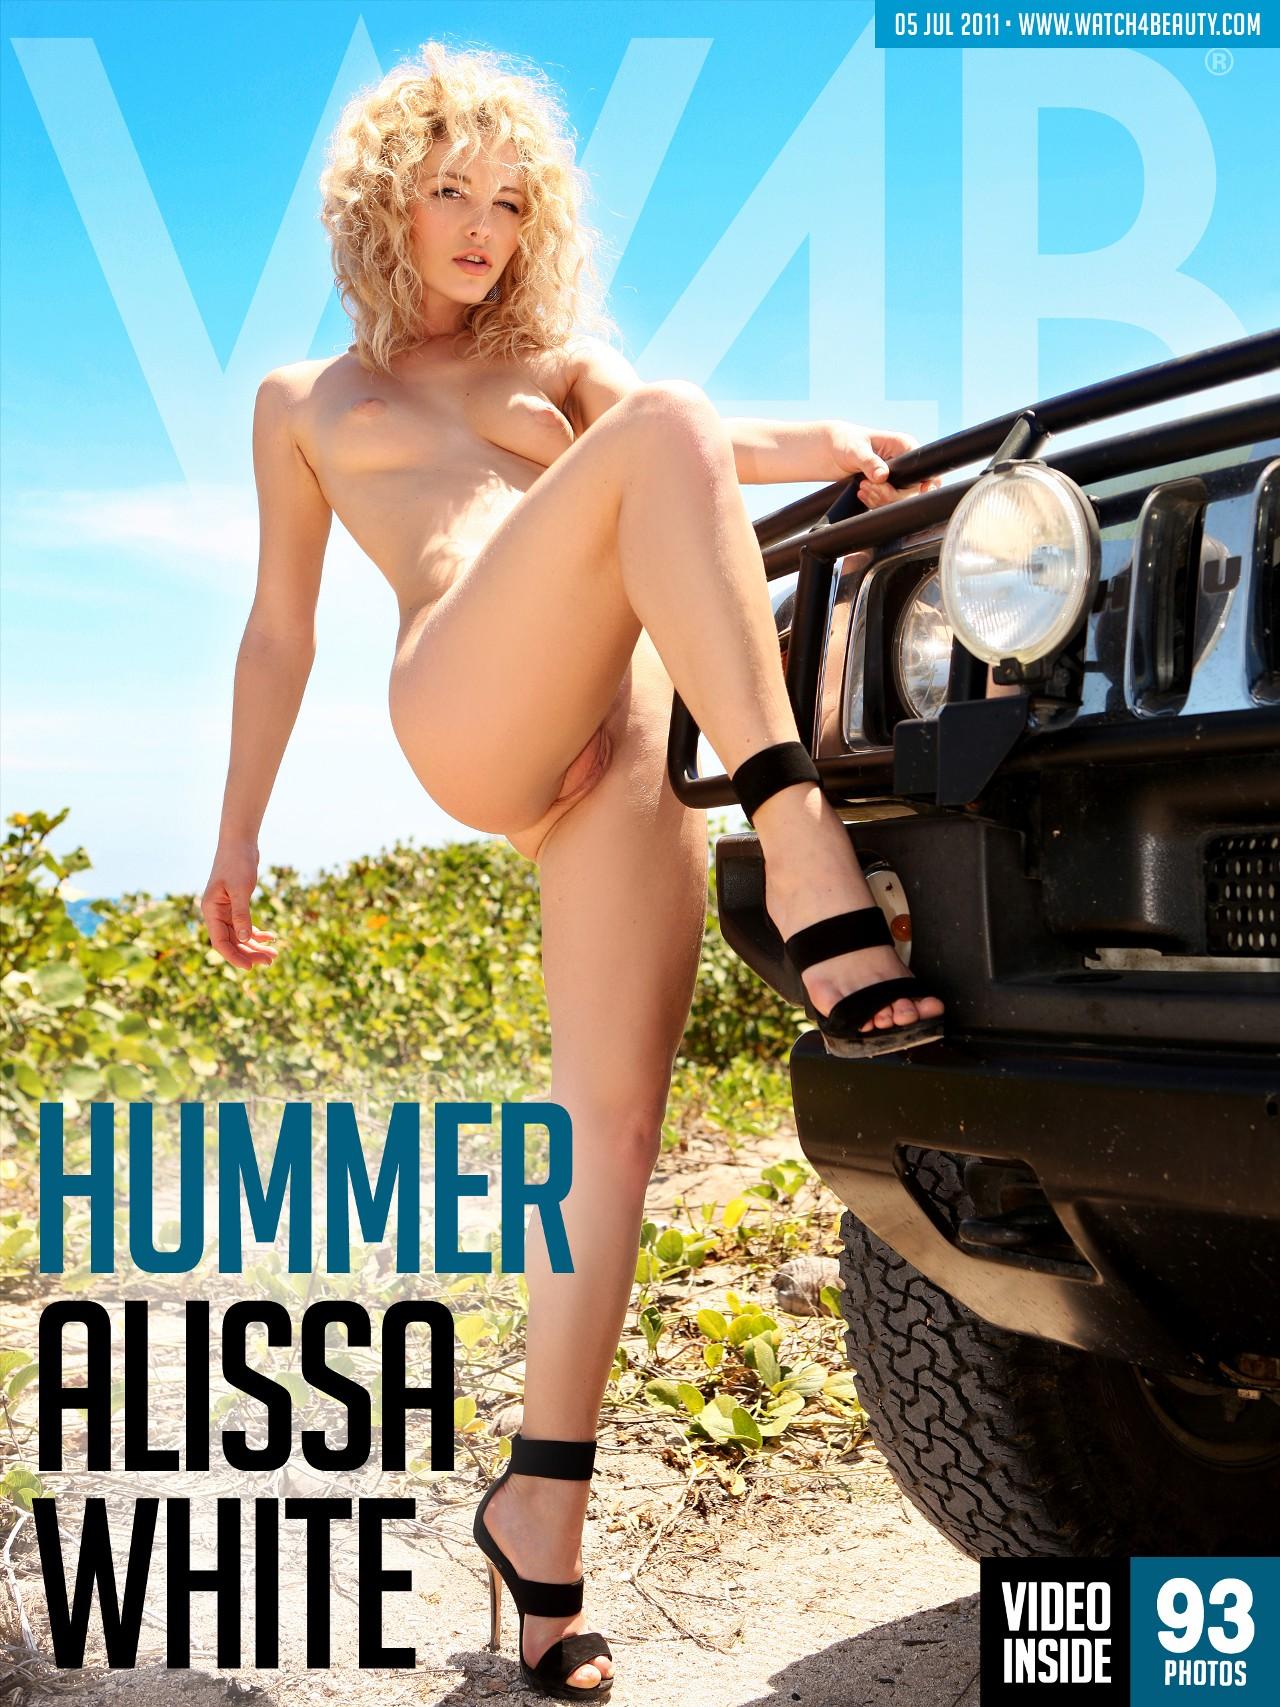 Alissa White: Hummer